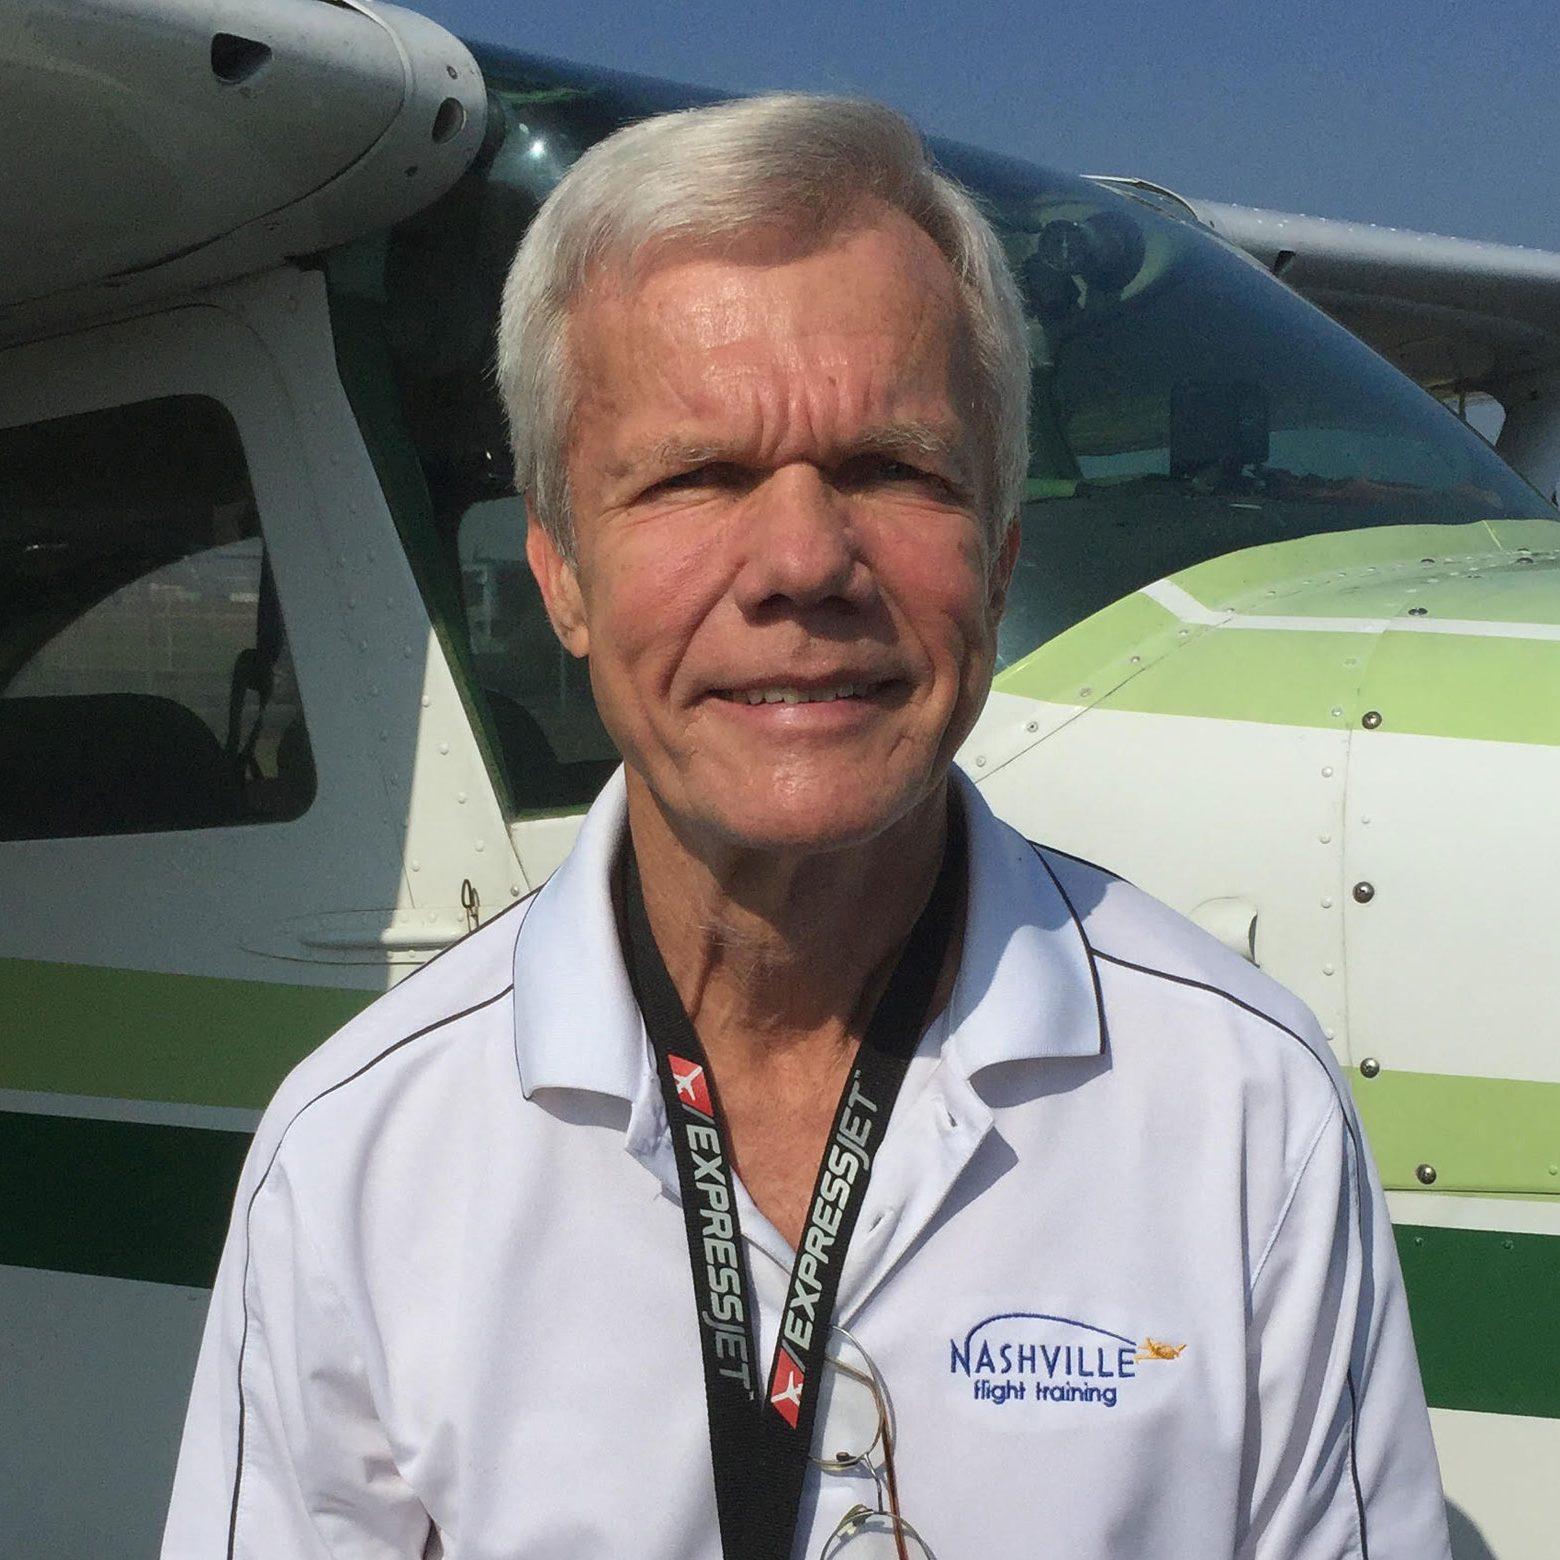 Jim Macomber